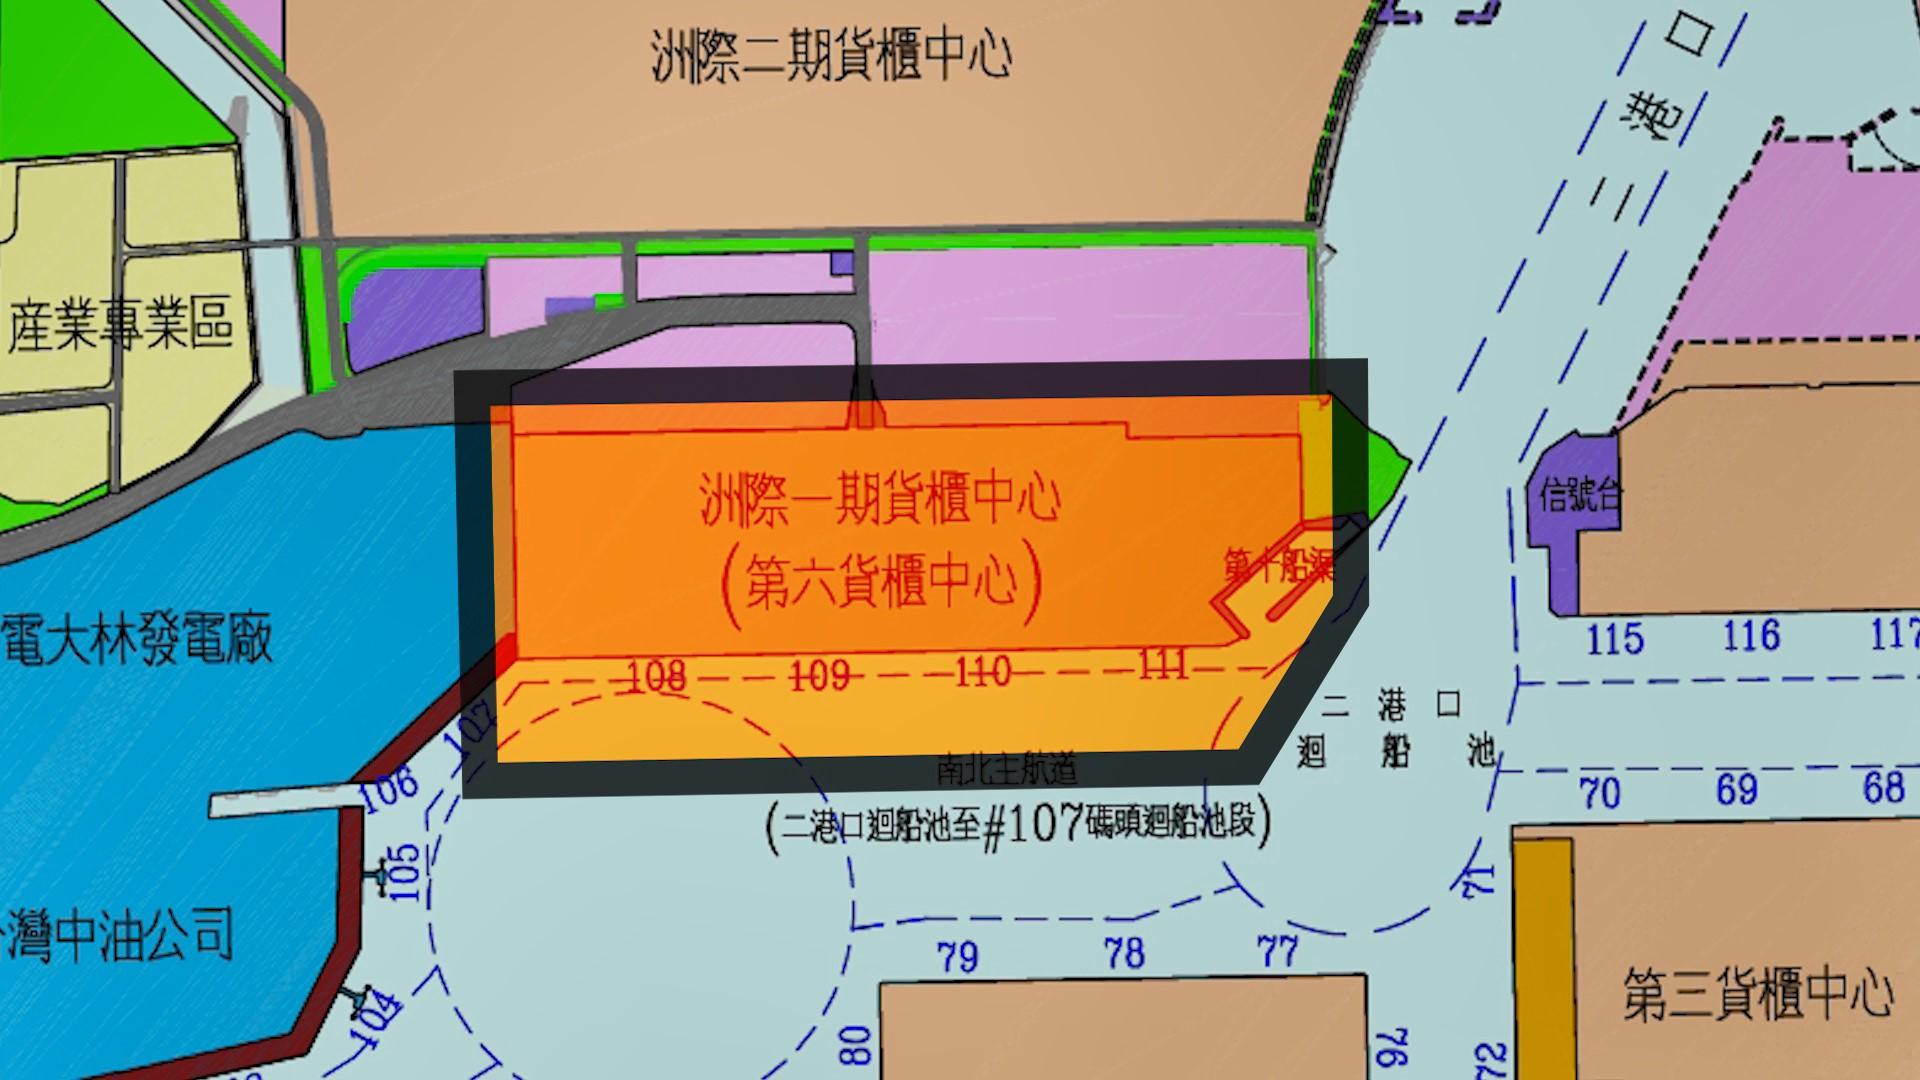 高雄港第六貨櫃中心也就是洲際一期貨櫃中心,該貨櫃中心規劃108-111碼頭,水深達16公尺,可提供13000TUE現代化貨櫃船靠泊(2014年完工)